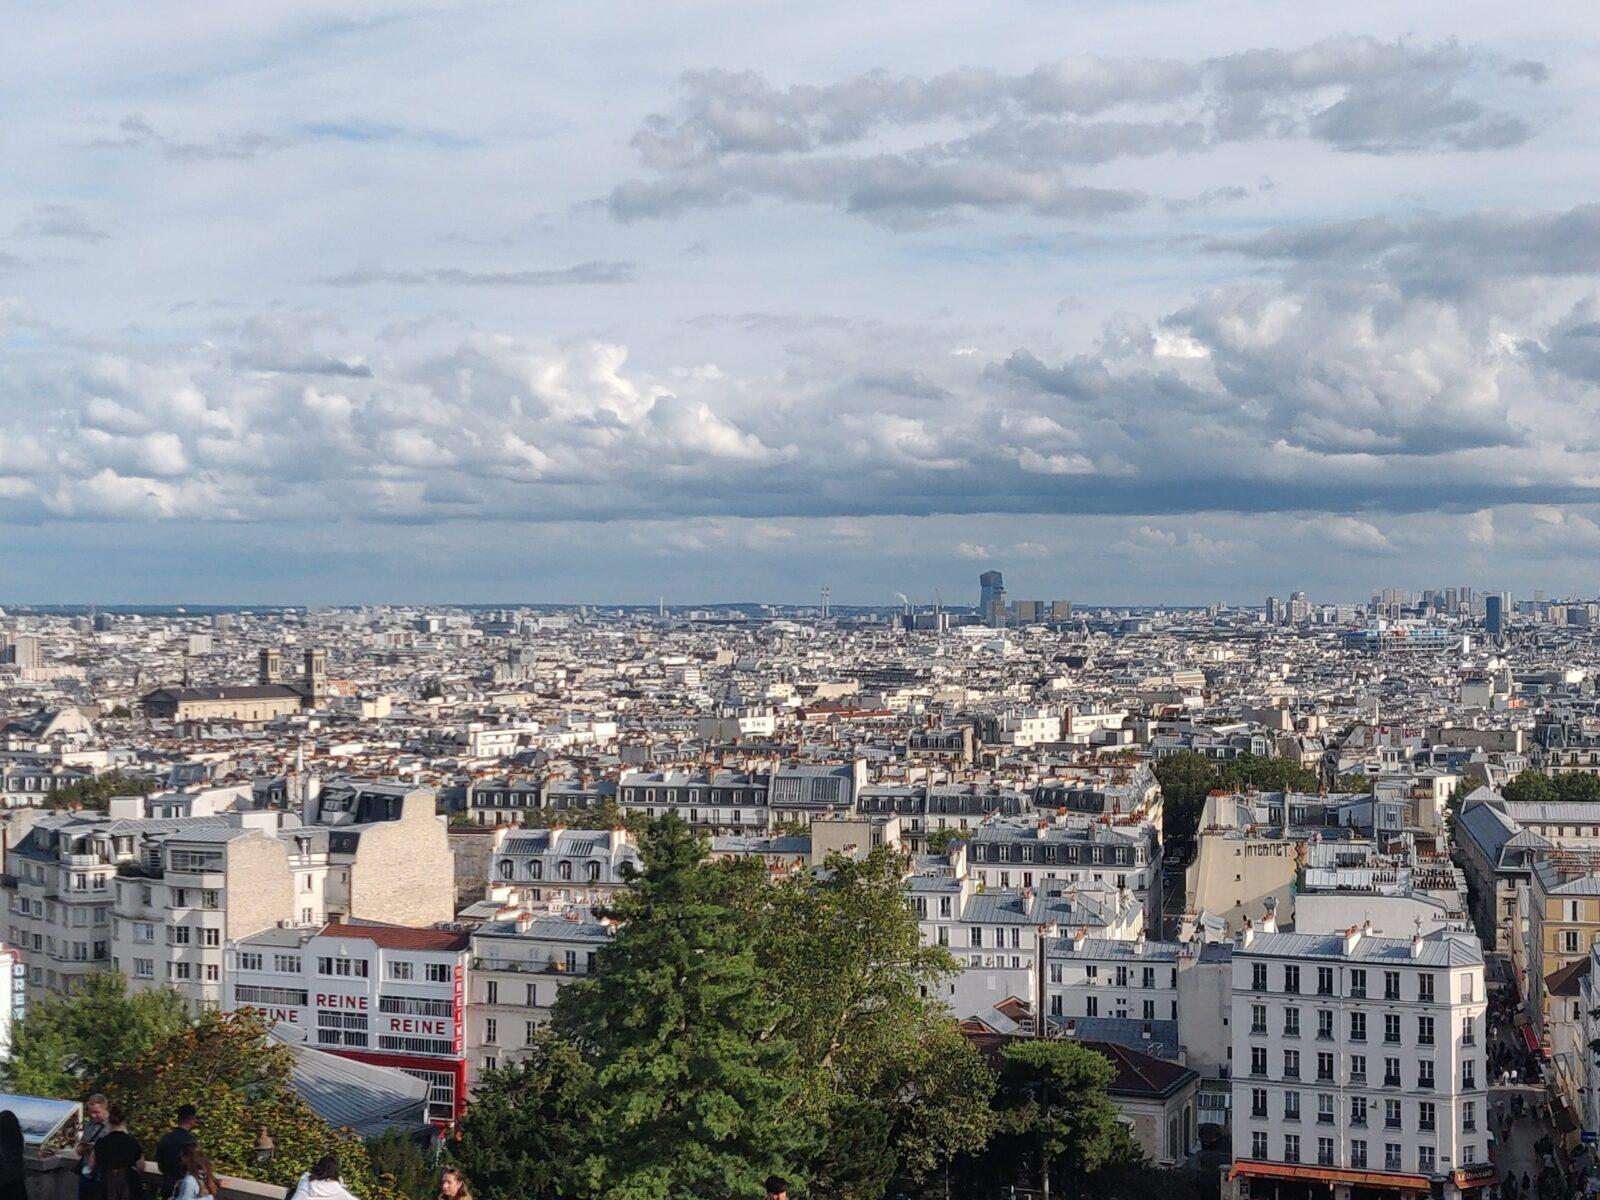 Sicht auf die Dächer von Paris, Architektur,